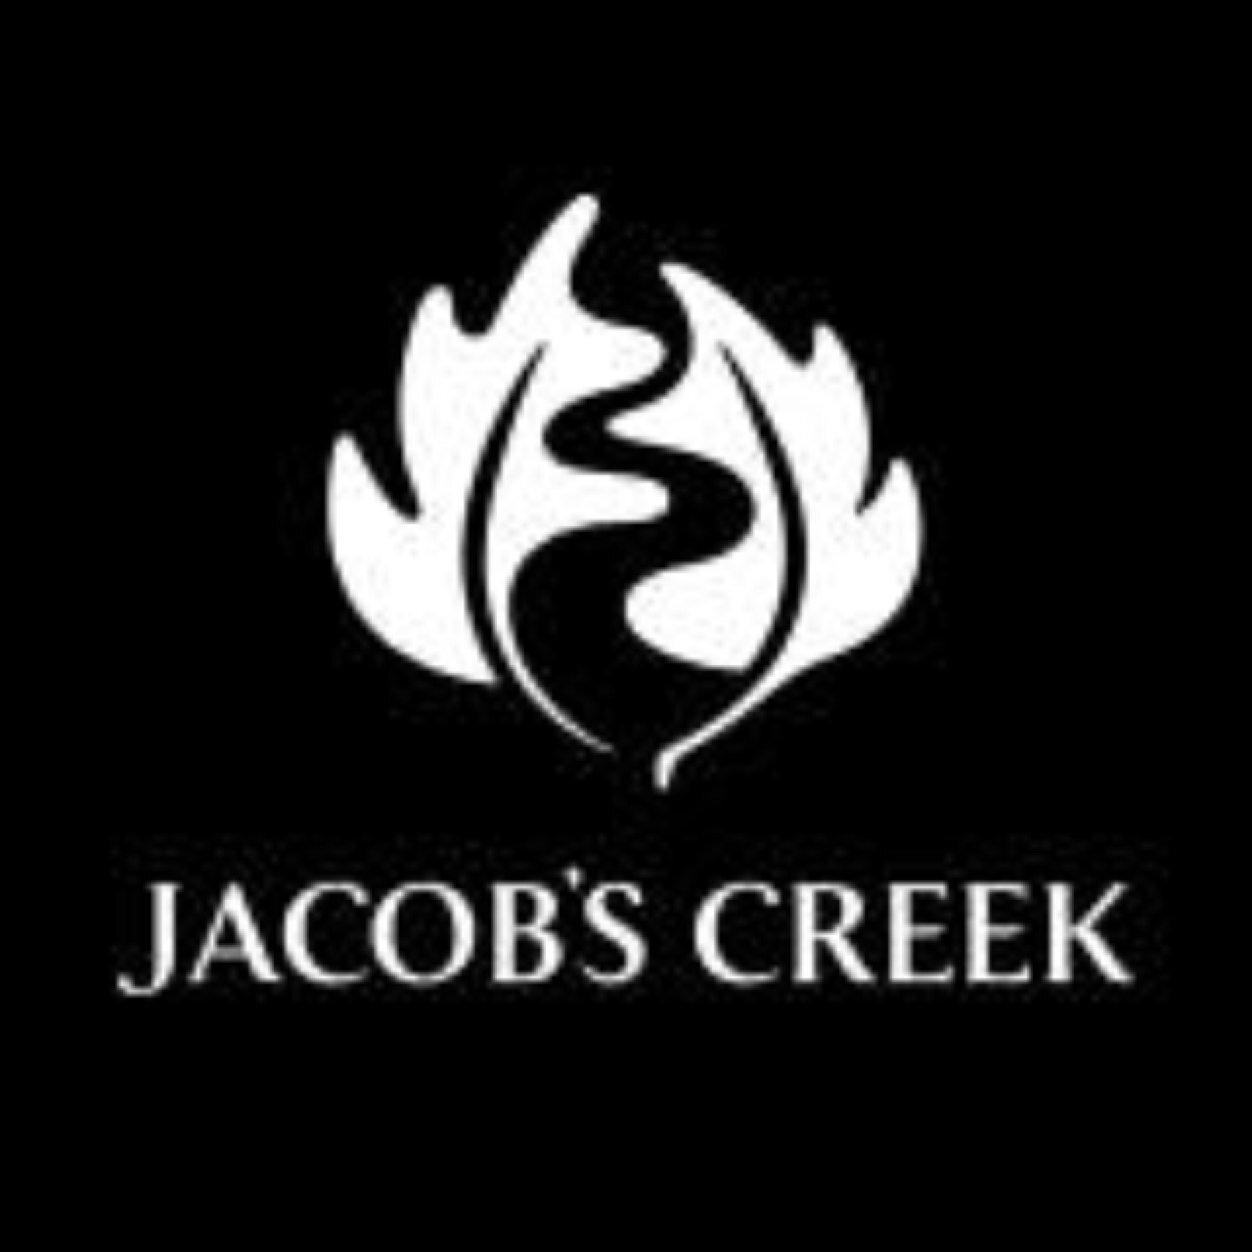 @JacobsCreekAU